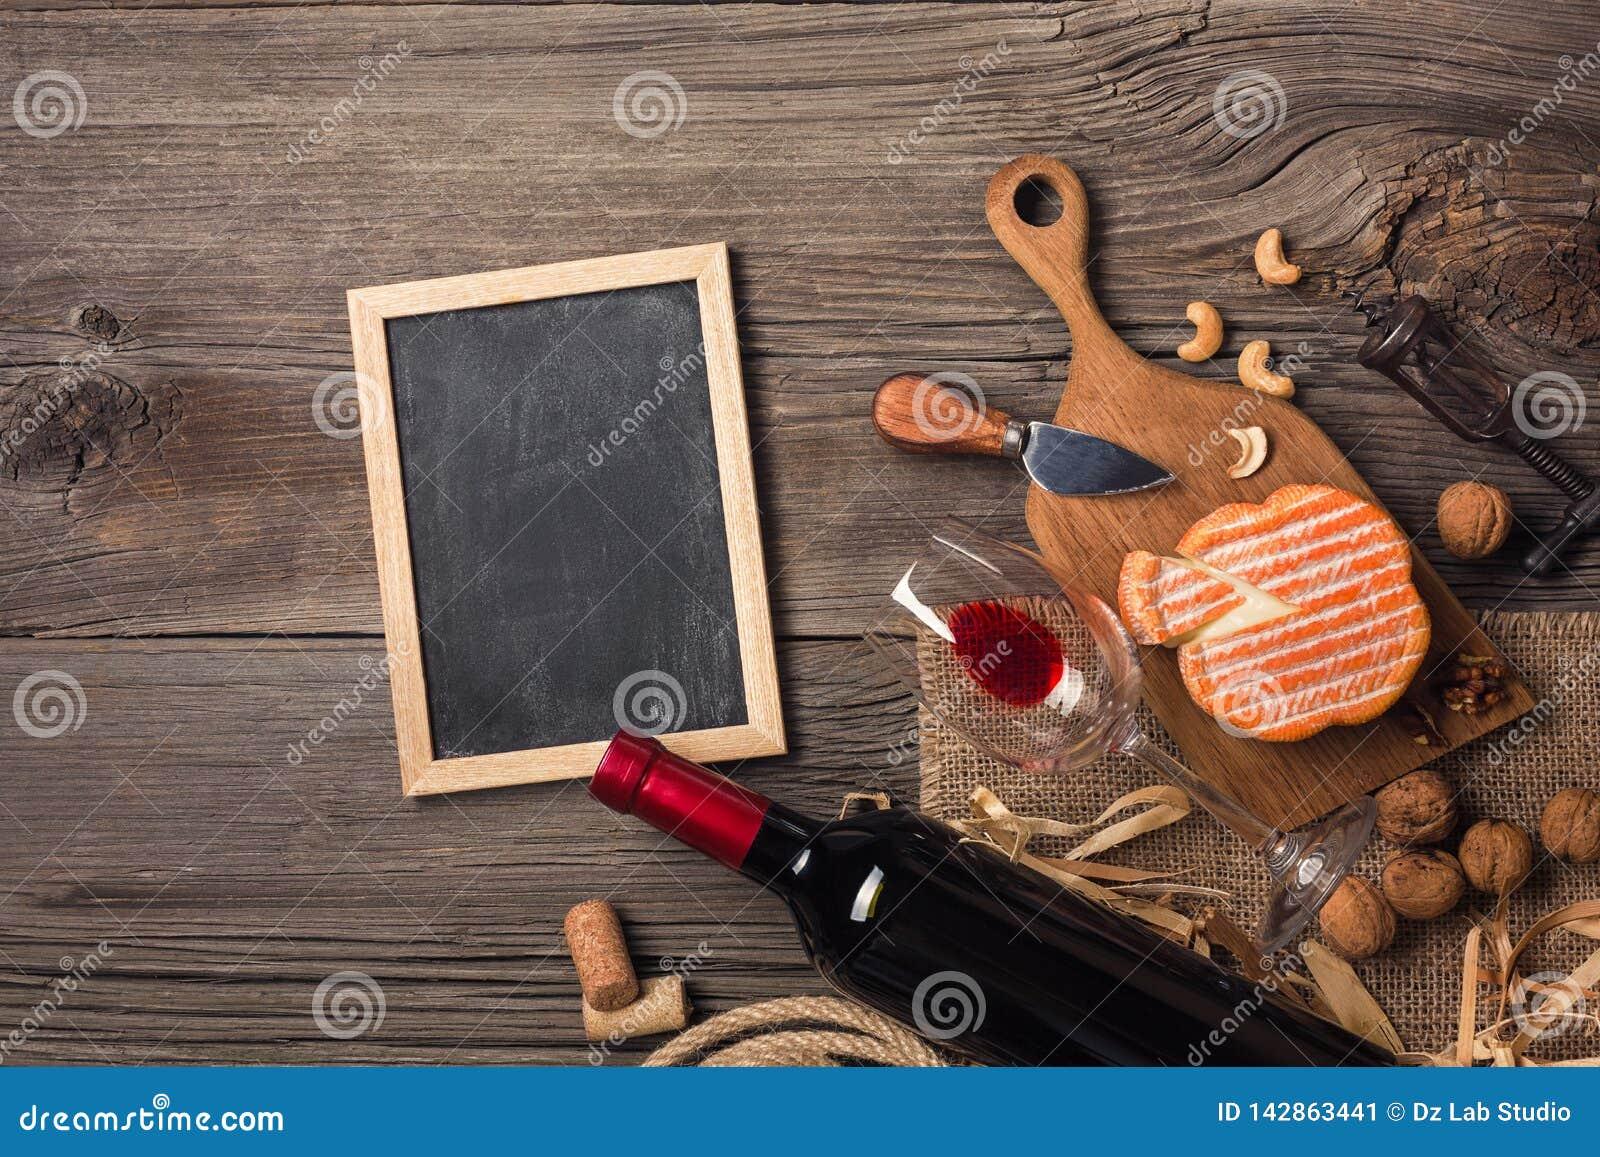 Κόκκινο κρασί σε ένα κιβώτιο με ένα τυρί γυαλιού, ανοιχτήρι και κρέμας σε έναν ξύλινο παλαιό πίνακα